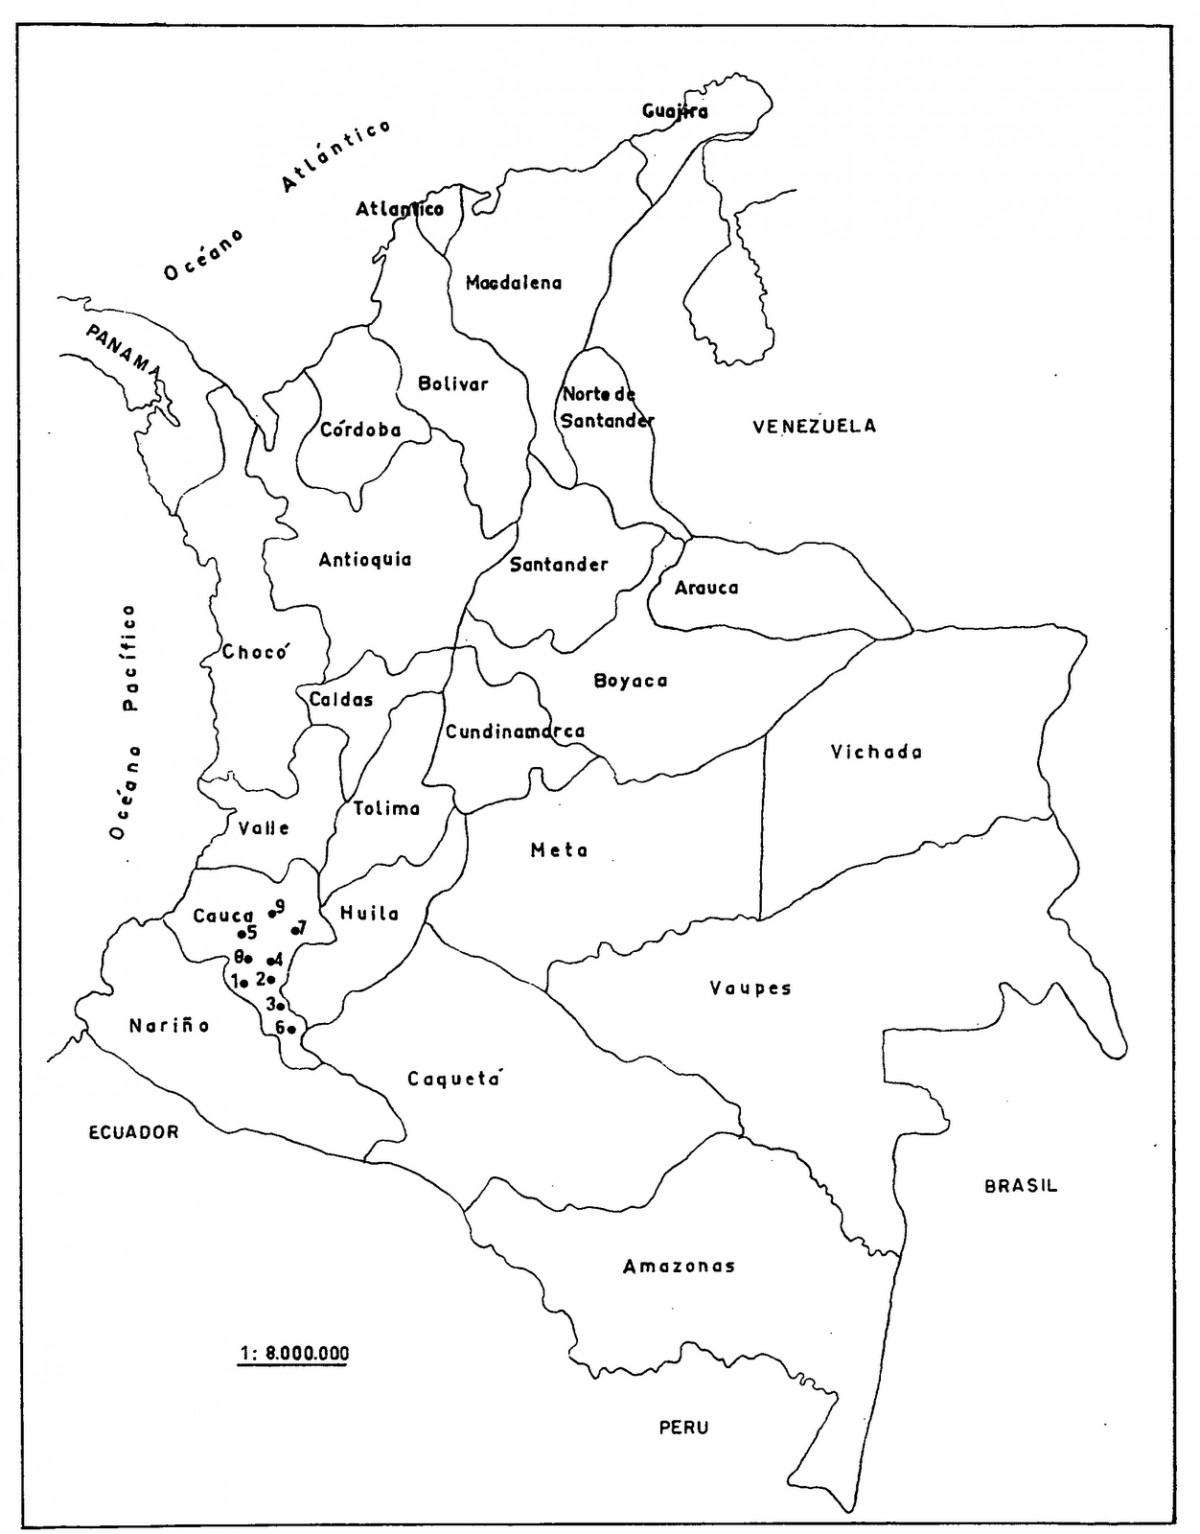 Información E Imágenes Con Mapas De Colombia Político